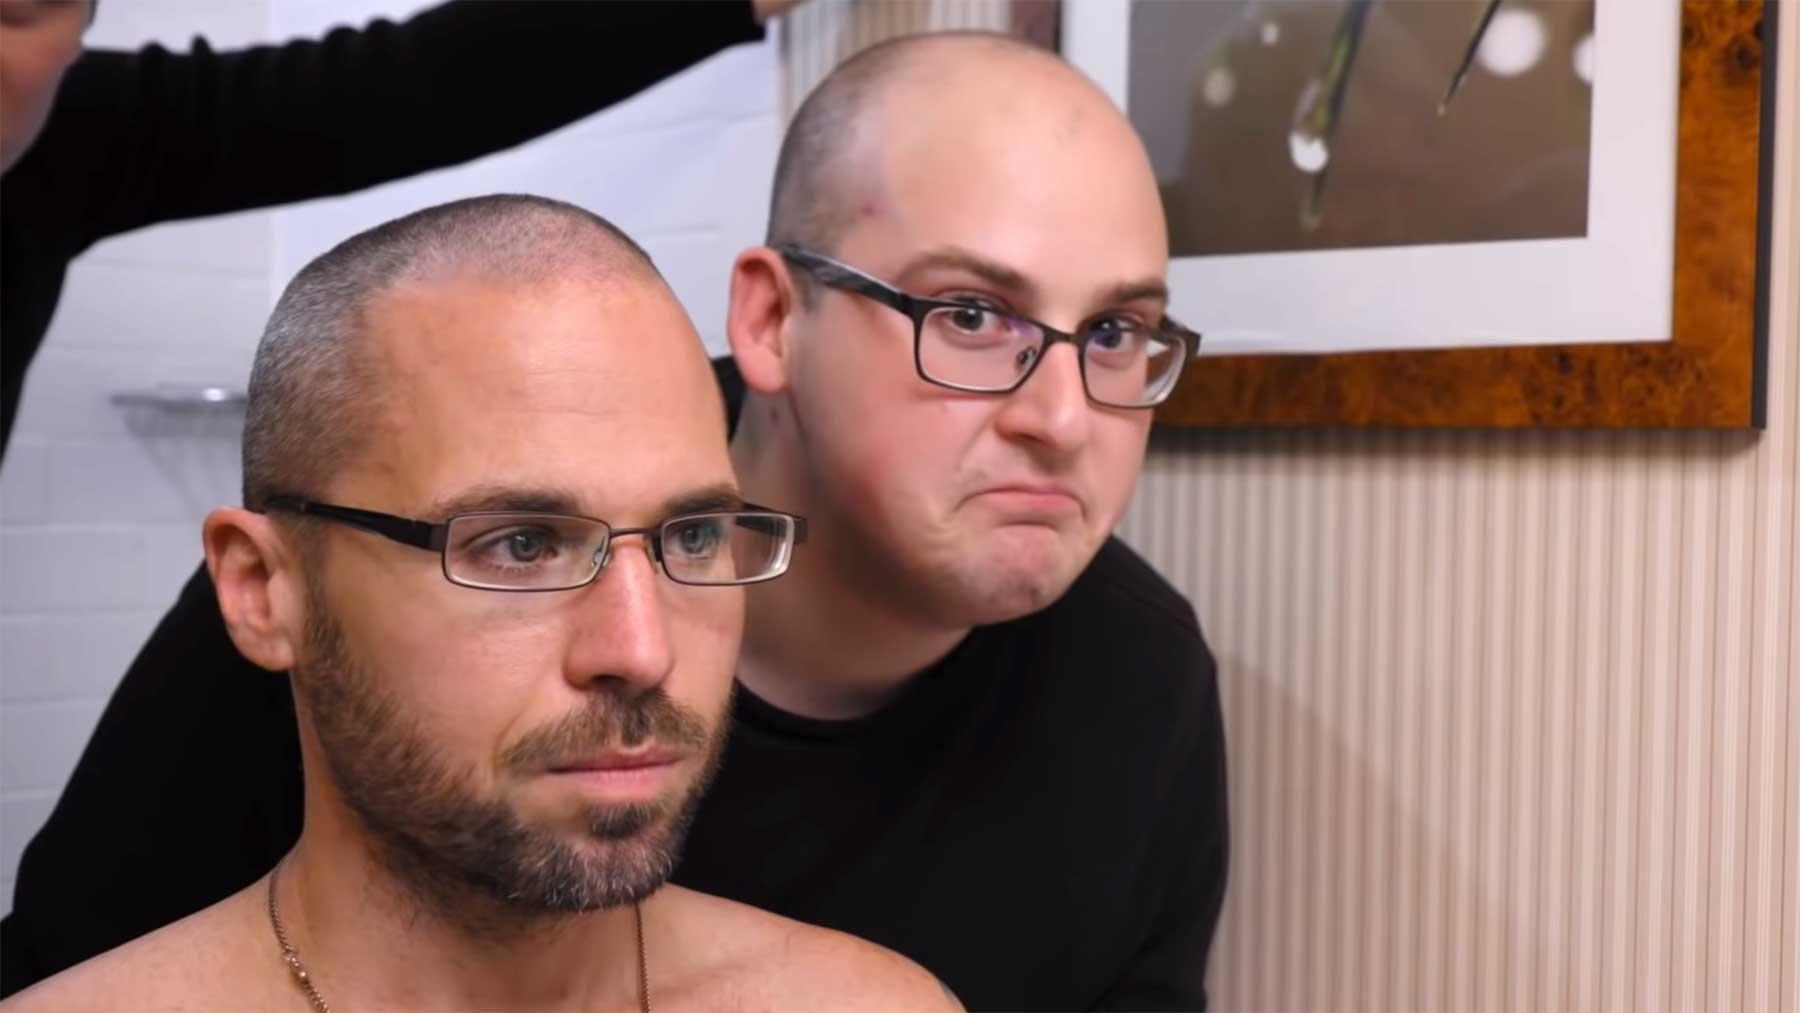 Besser aussehenden Doppelgänger von sich zum Klassentreffen schicken